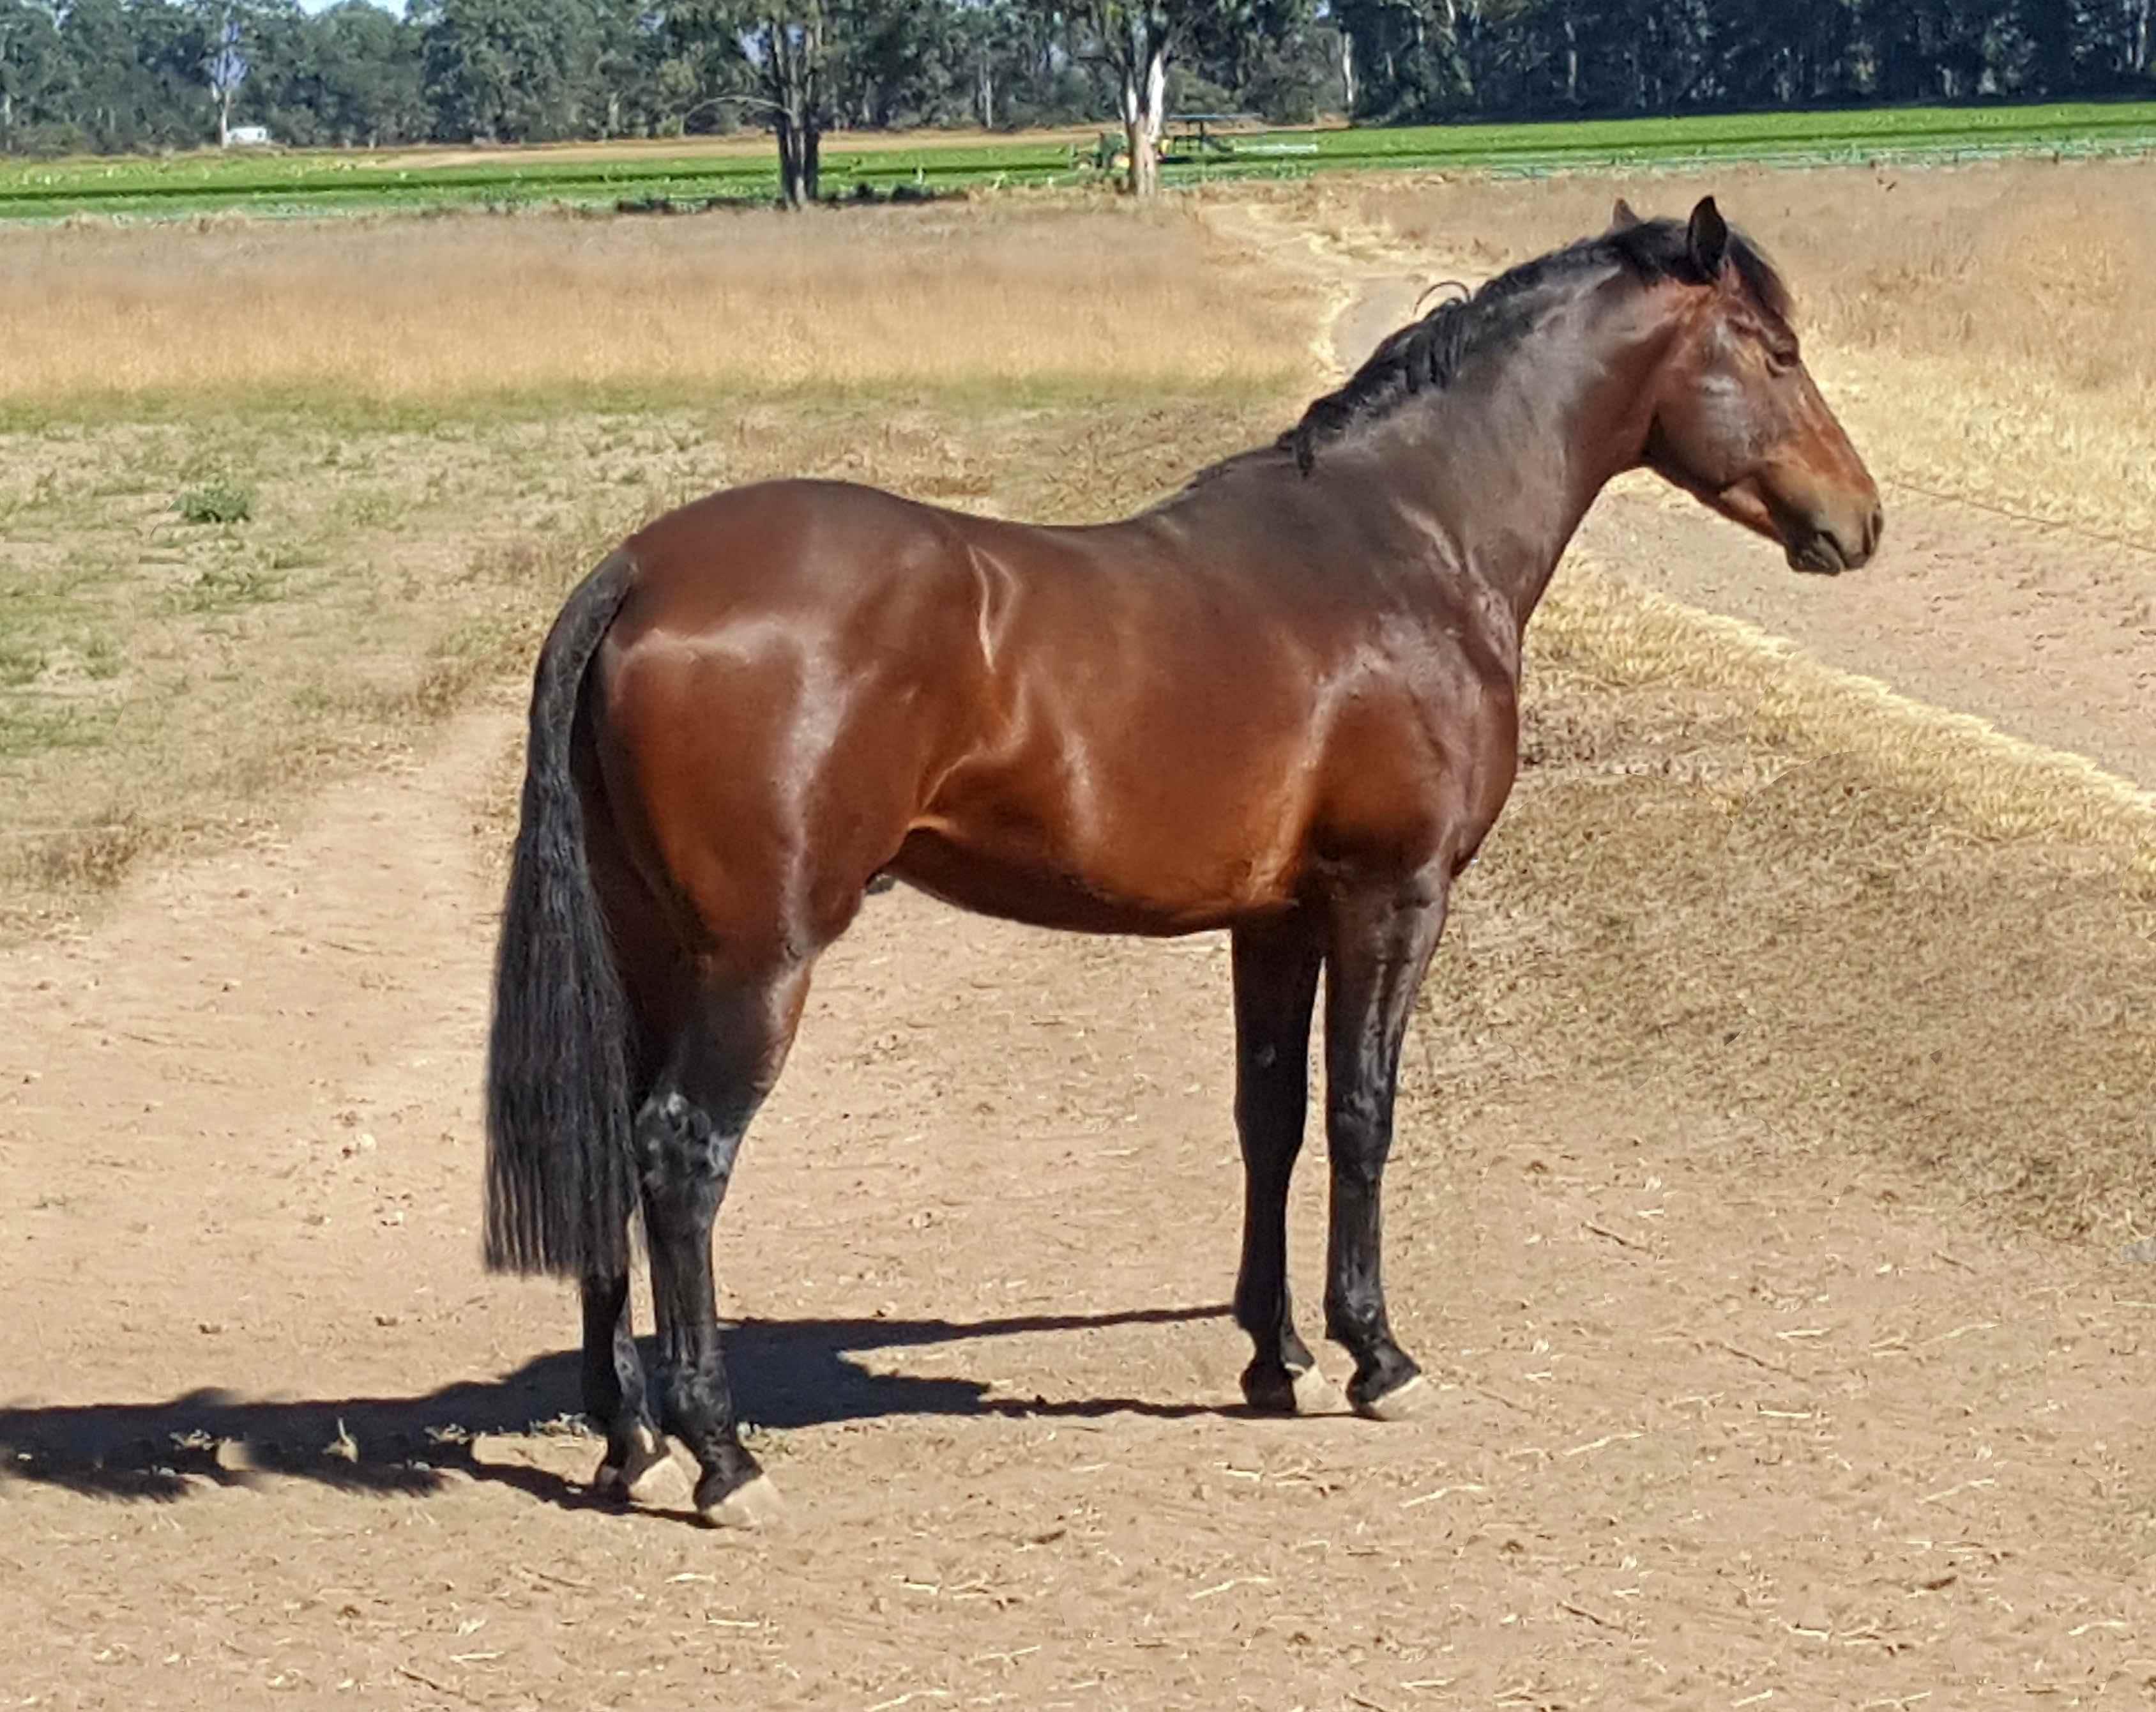 Our Waler colt taken in September 2017